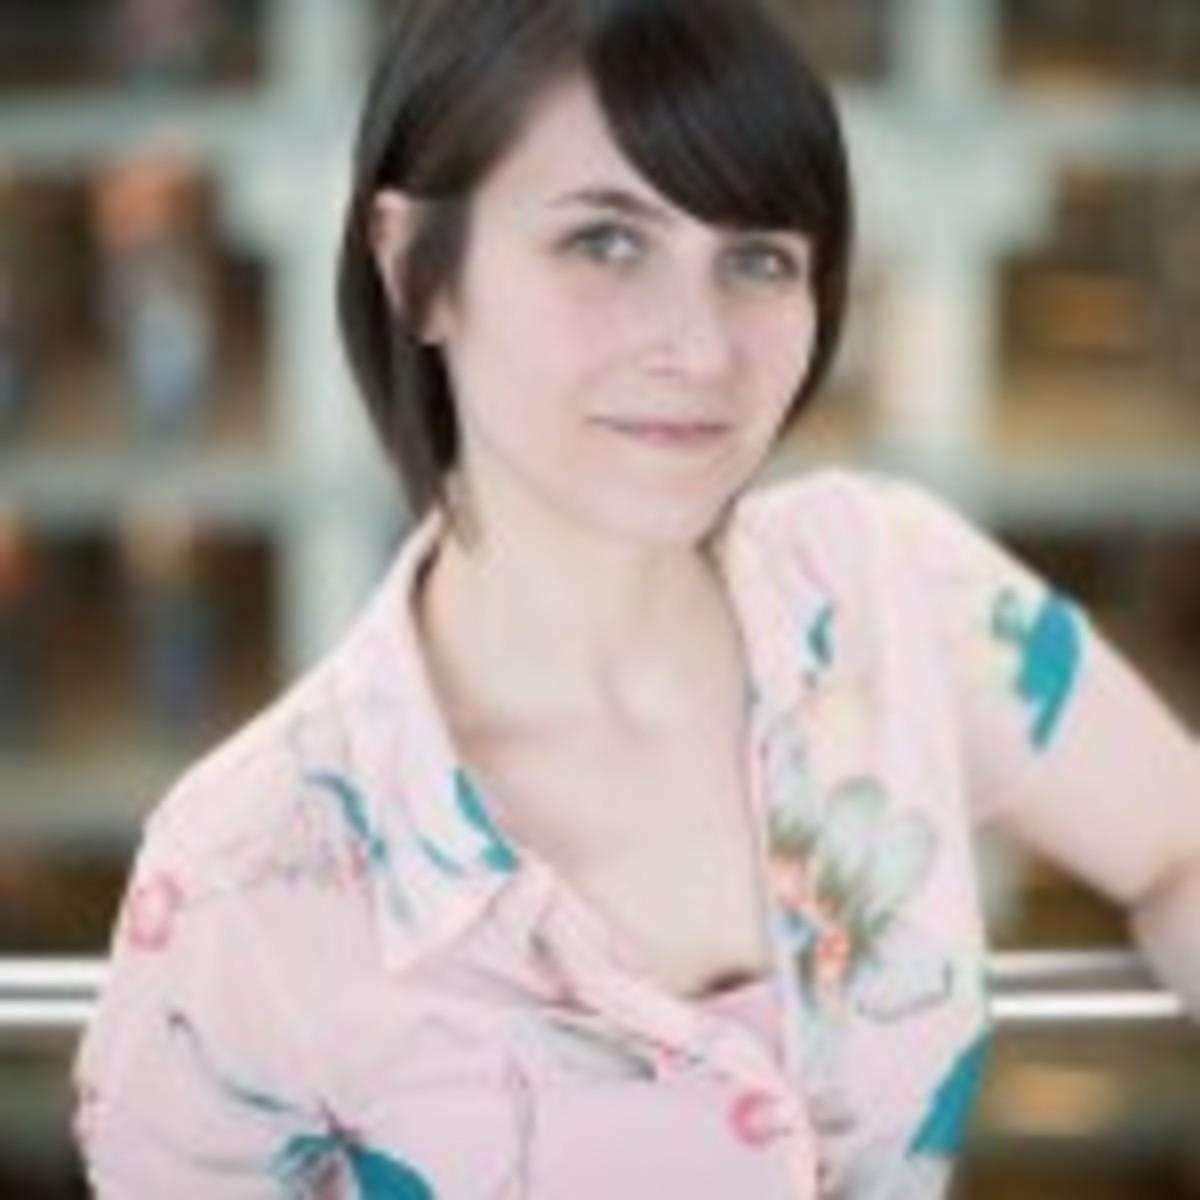 Hannah Stephenson